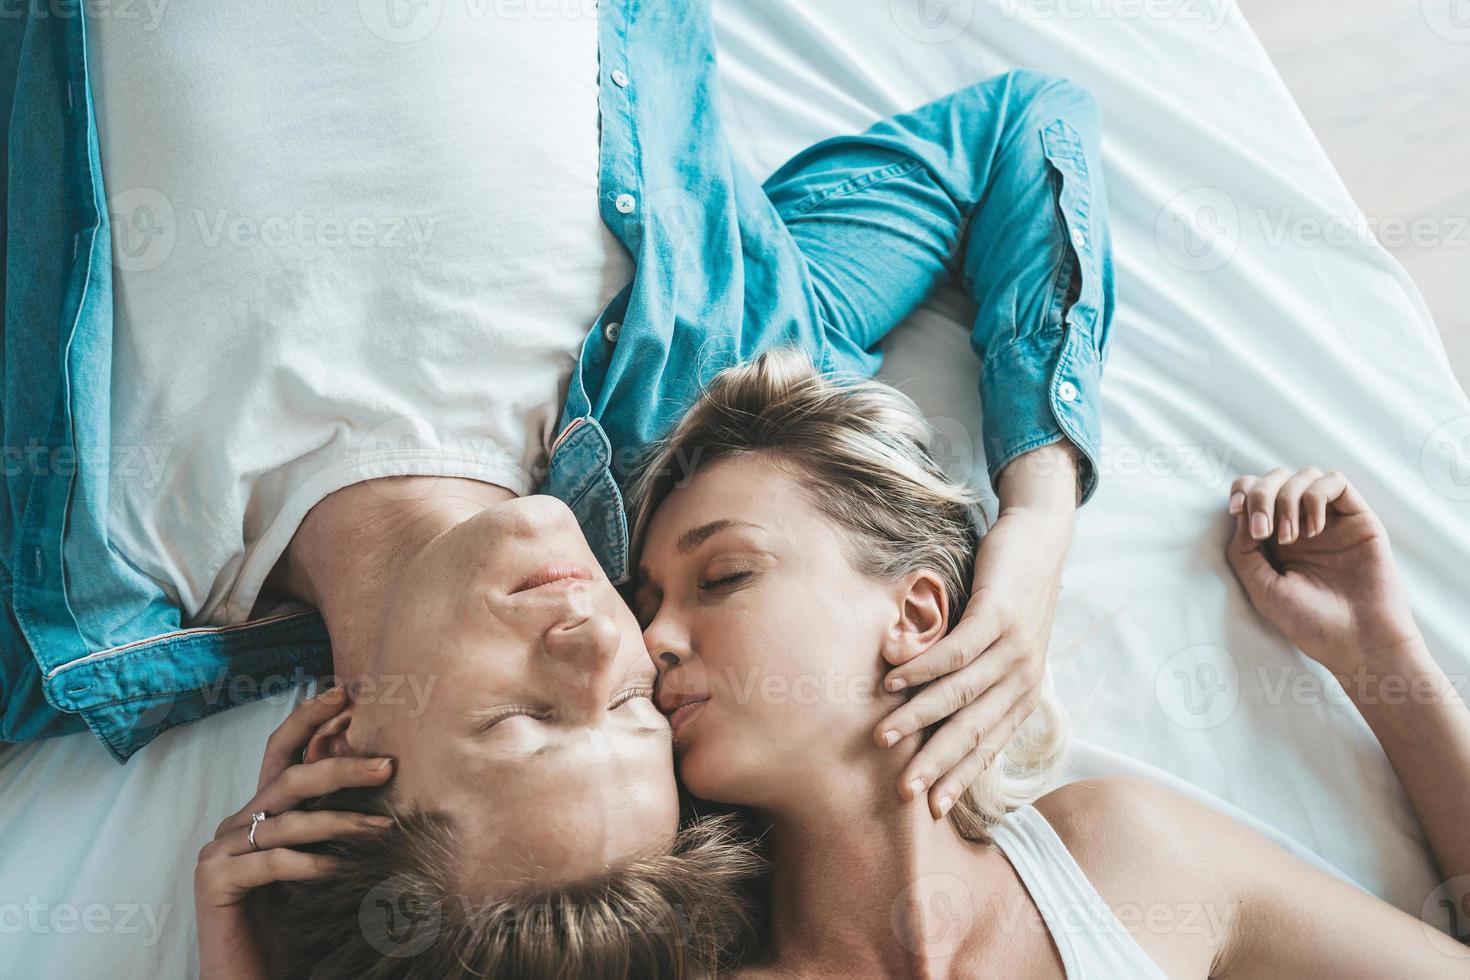 coppia felice insieme in camera da letto foto